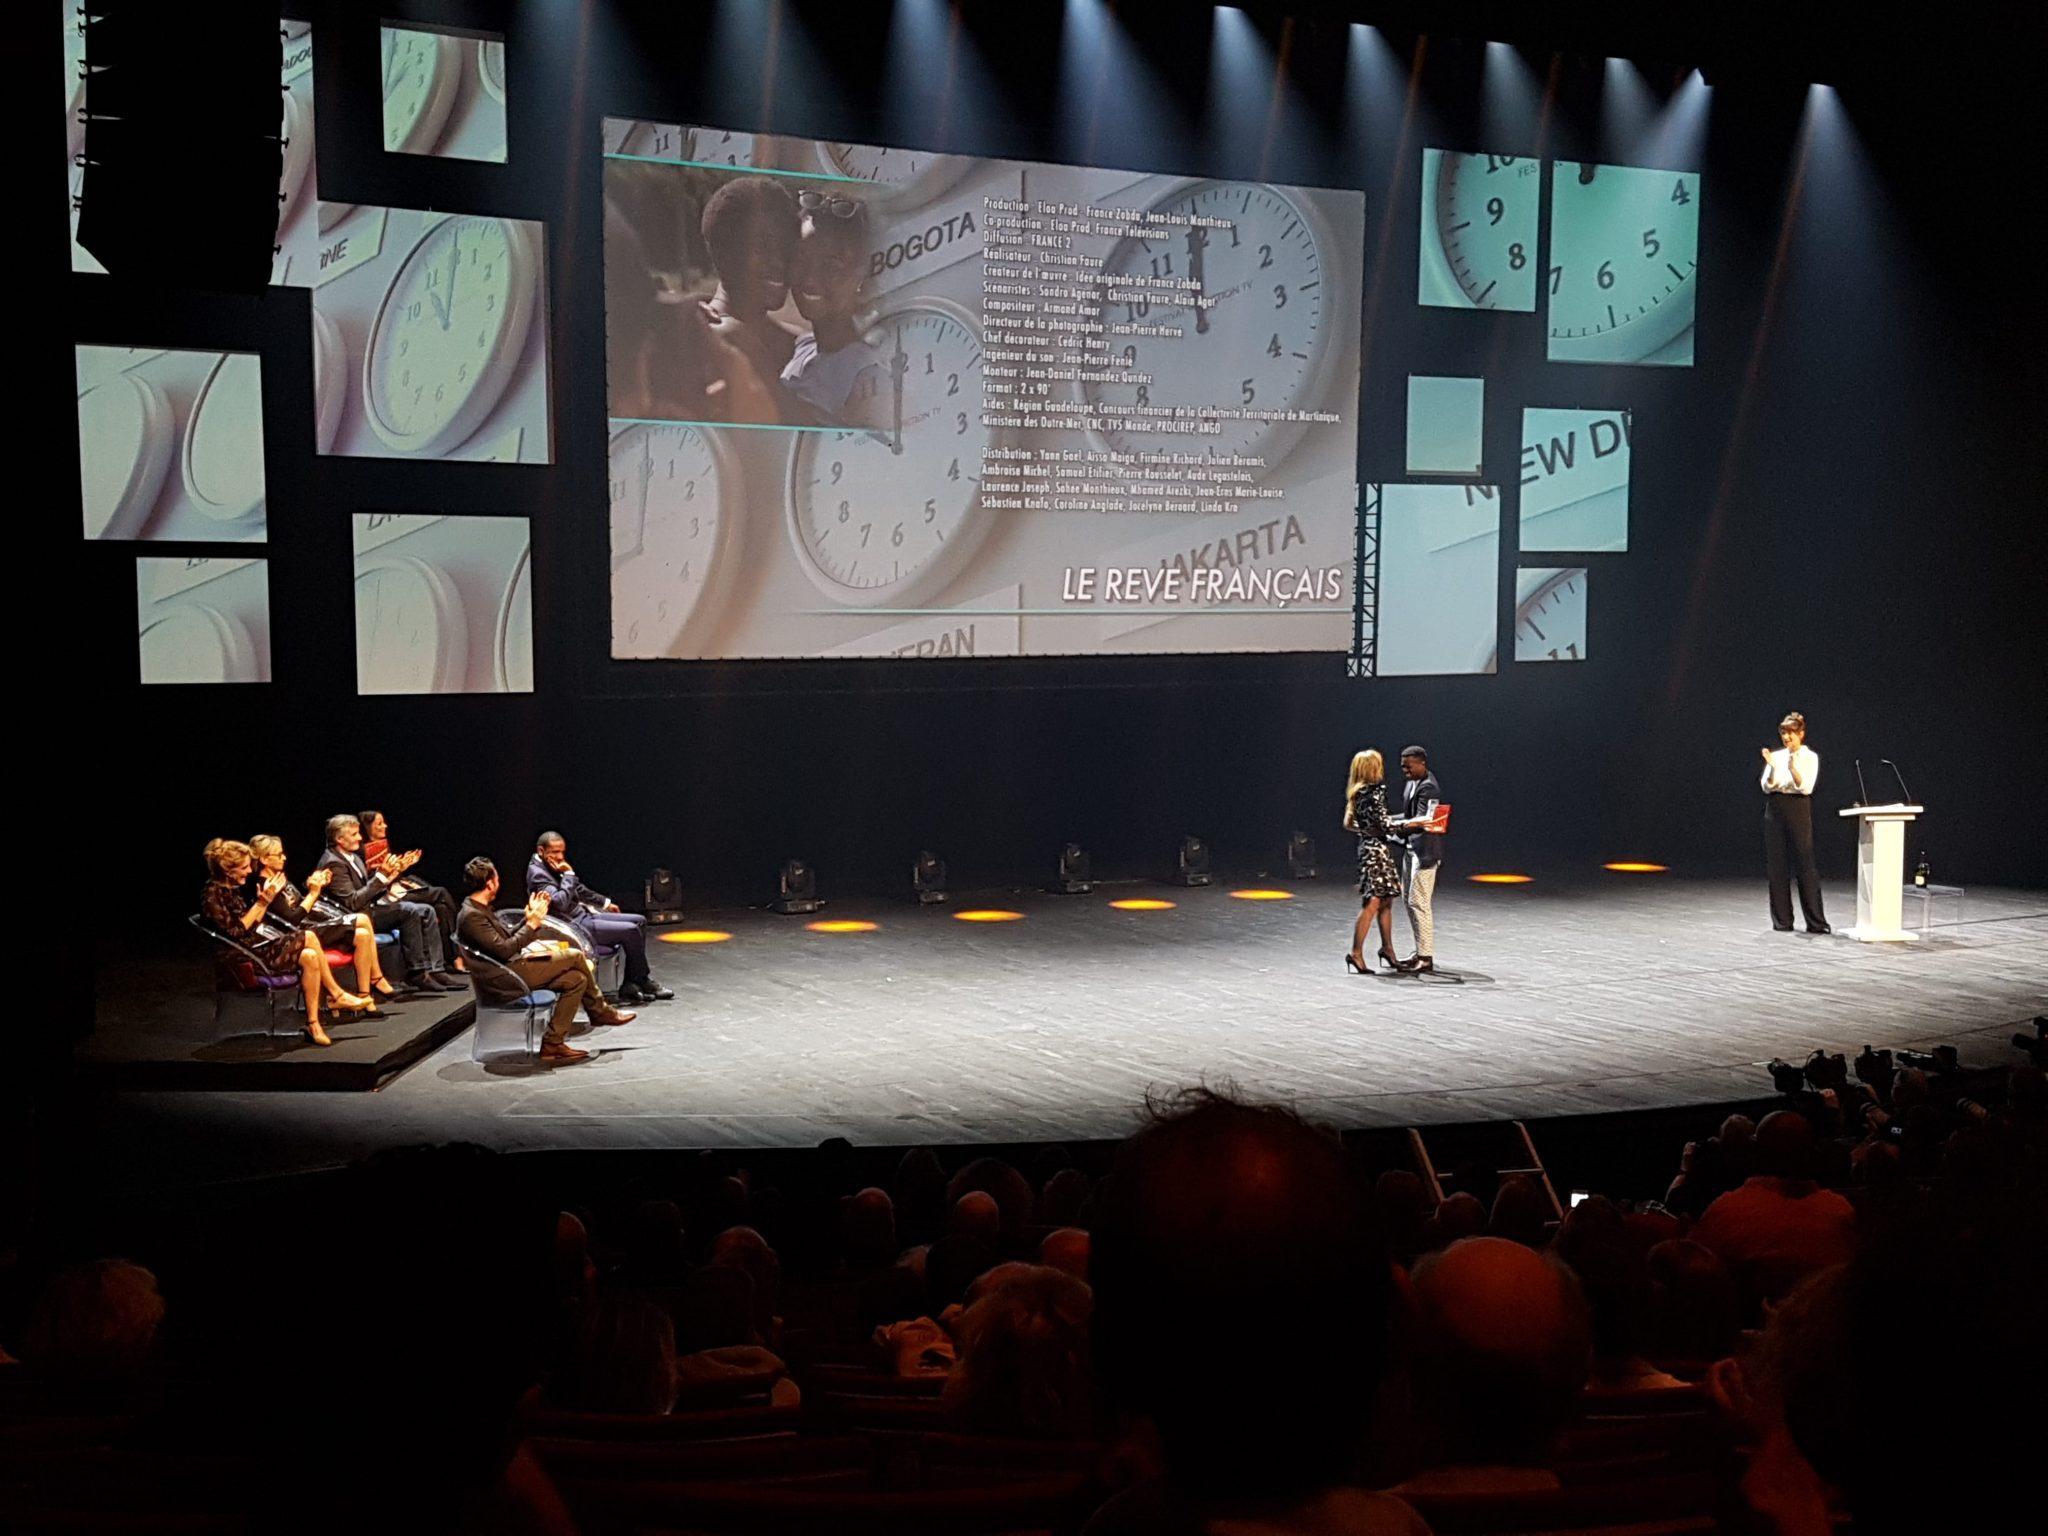 festival de la fiction tv de la rochelle 2017 image Le Rêve français